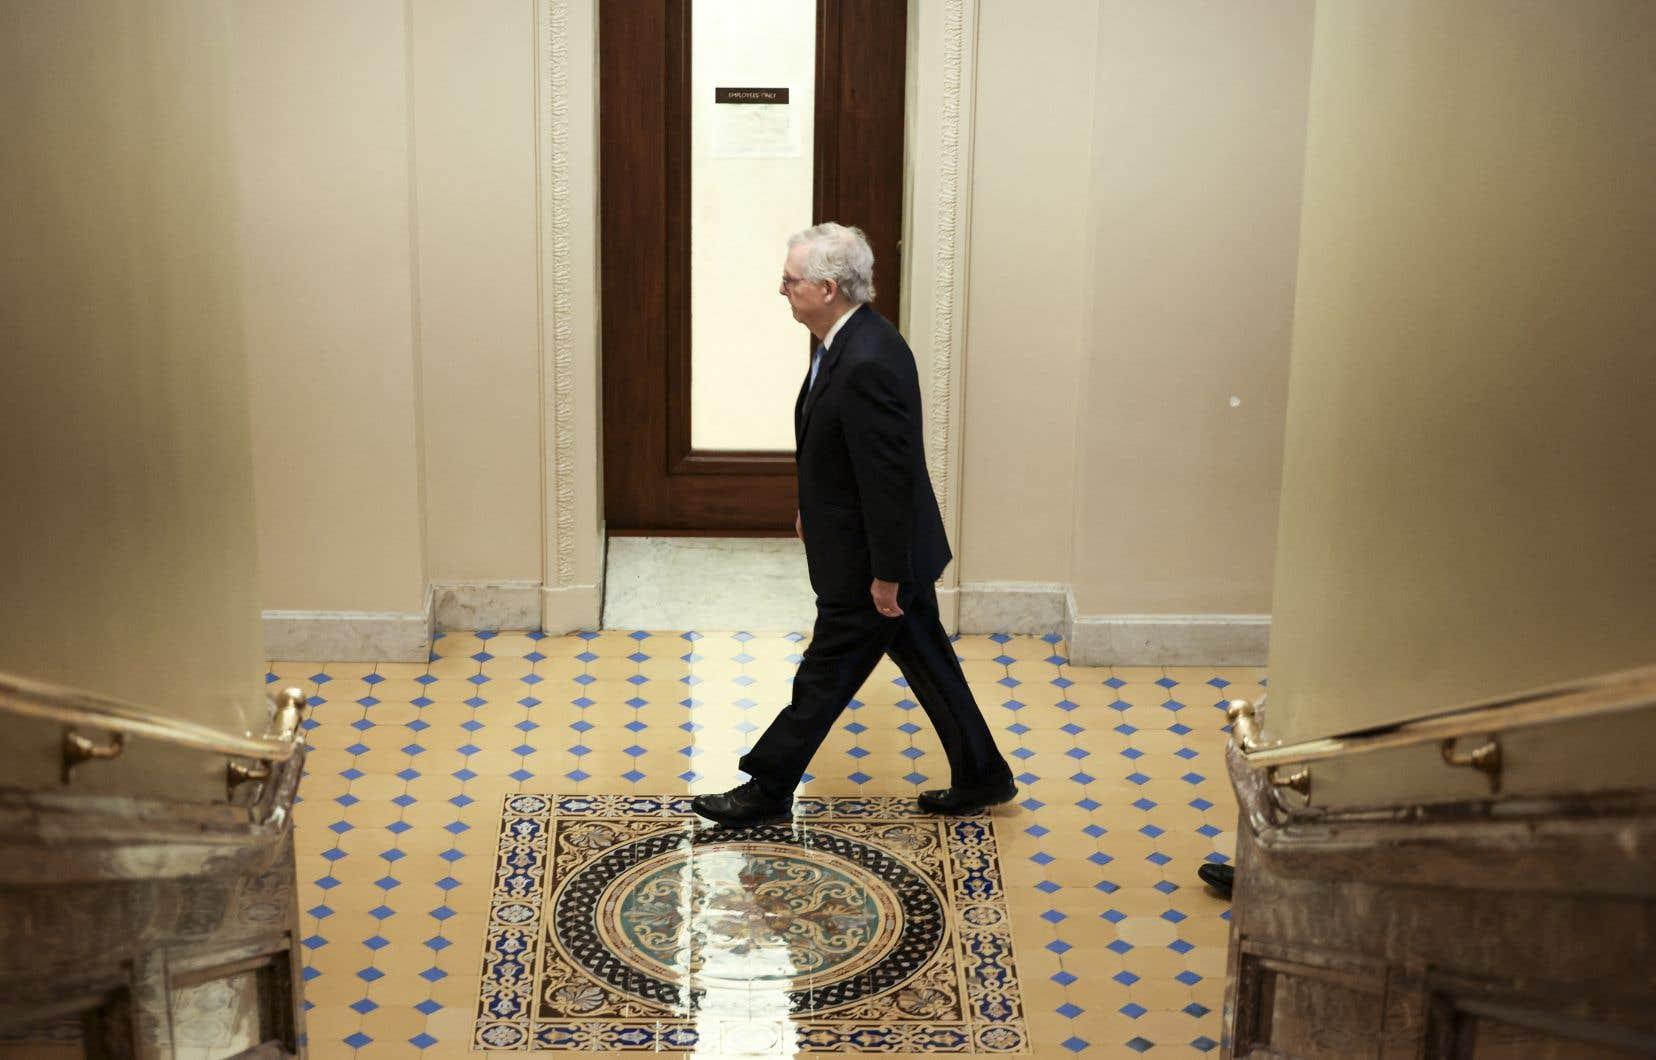 Le chef des républicains au Sénat, Mitch McConnell, exhorte les démocrates à parvenir — seuls — à une solution durable d'ici décembre grâce à une voie législative complexe.